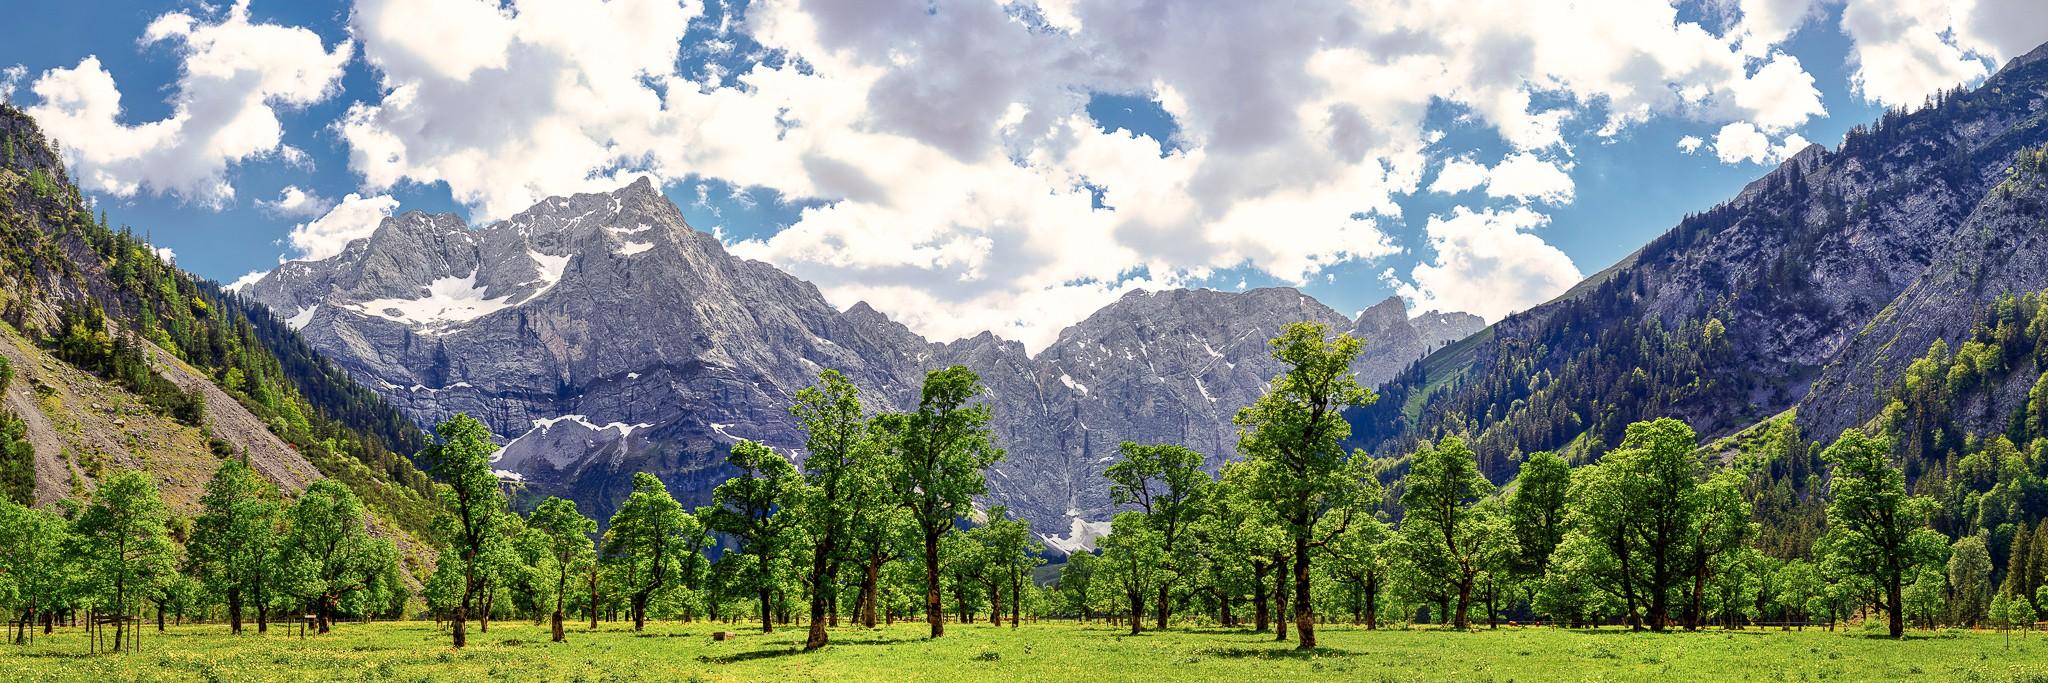 Engalm - Großer Ahornboden im Karwendel